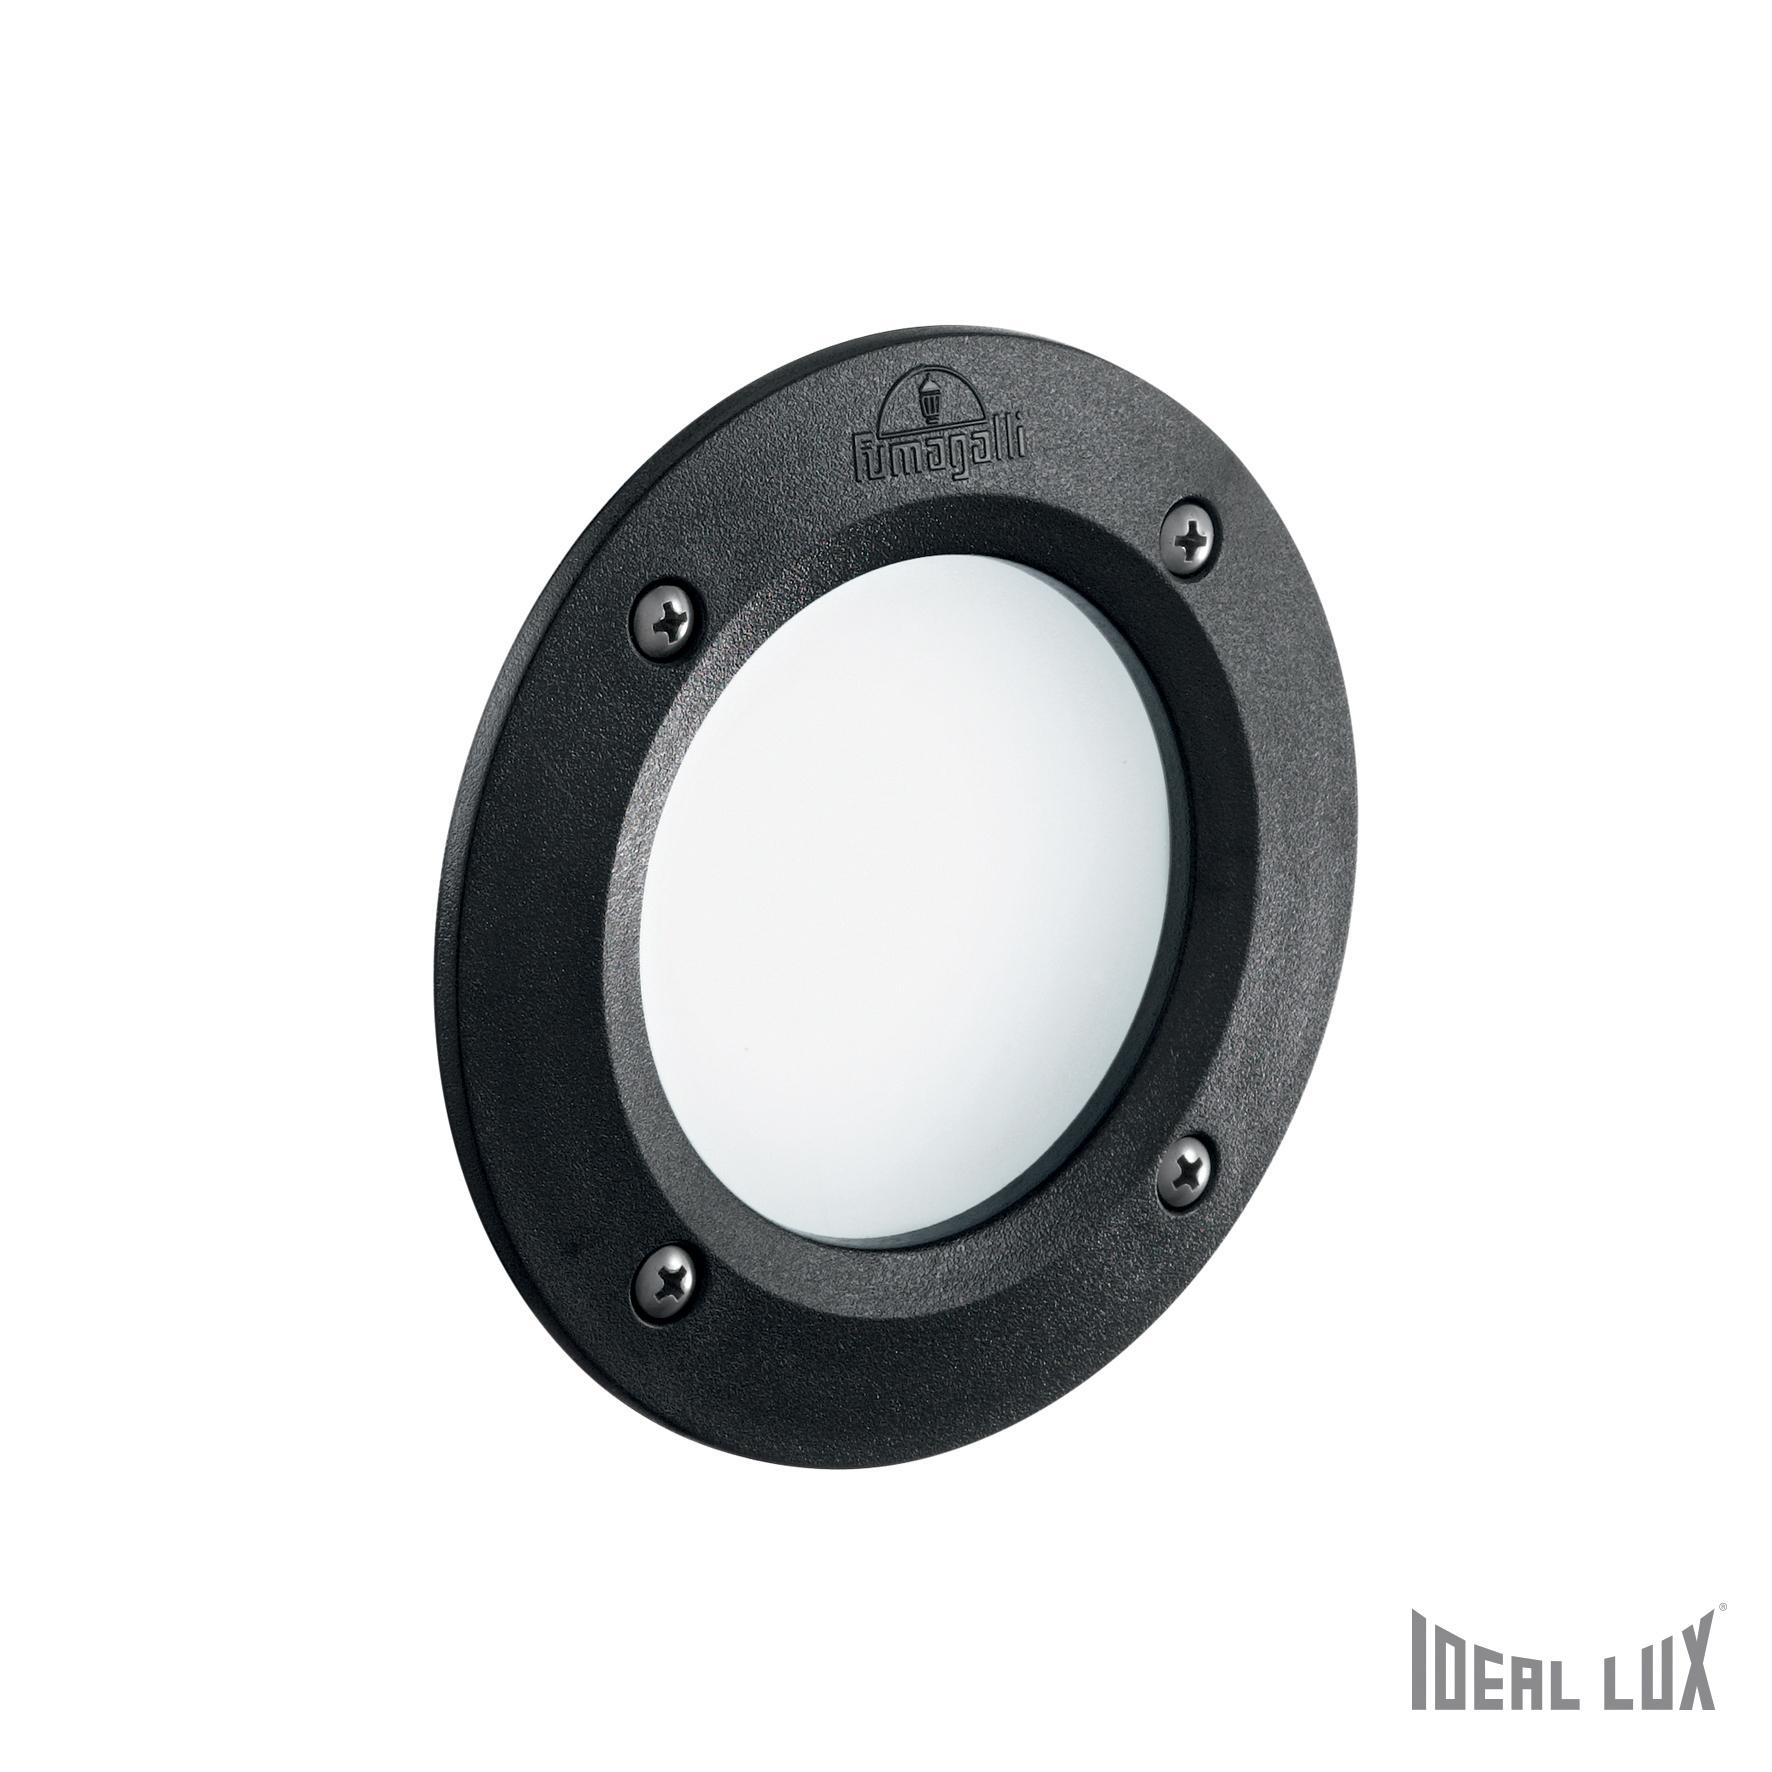 Spot Leti Round FI1 Bianco-Negru imagine